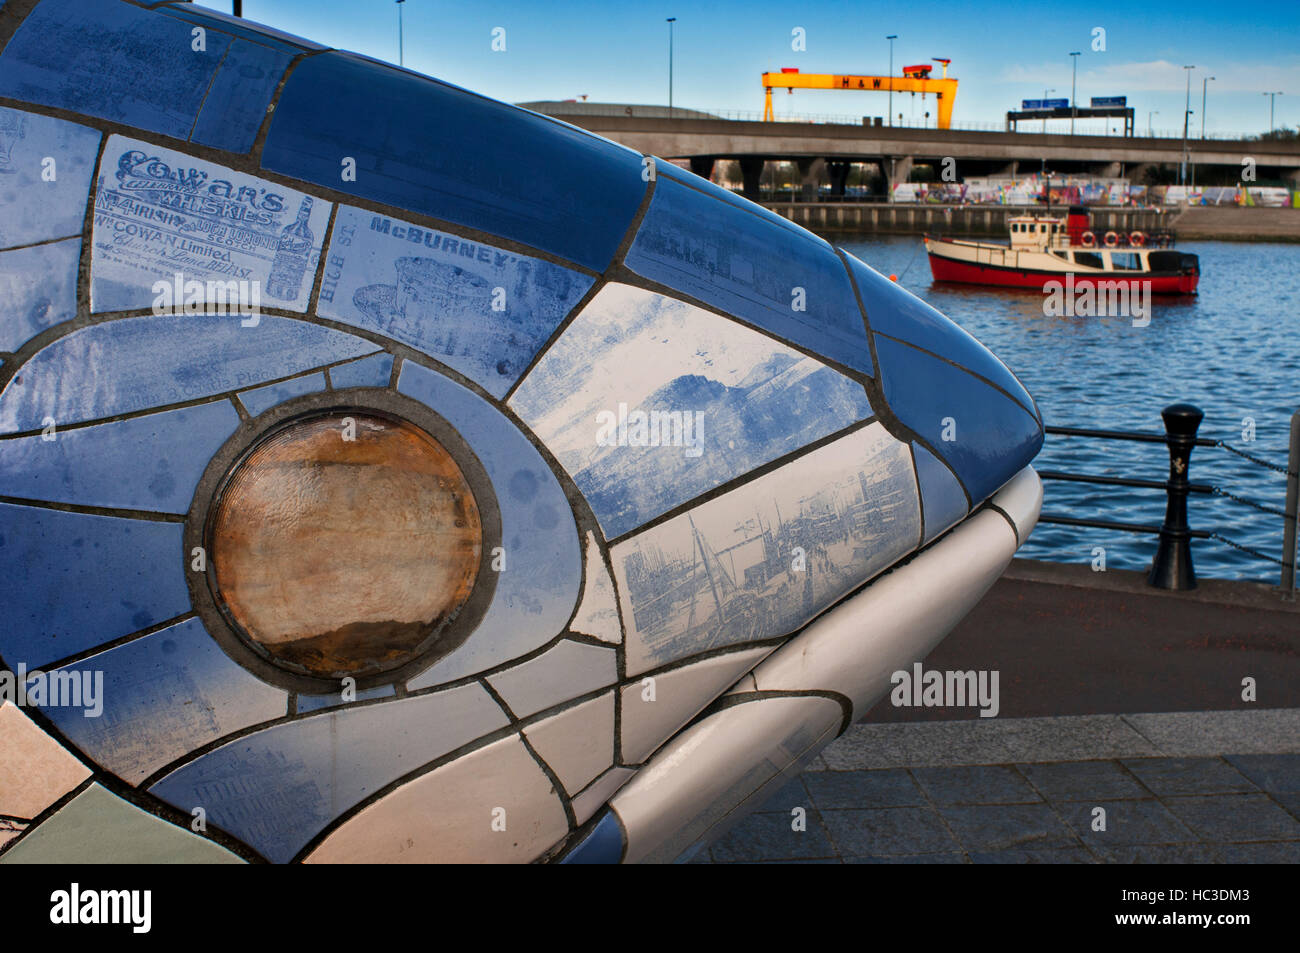 La escultura Big Fish por John amabilidad, Donegall Quay, Río Lagan, Belfast, Irlanda del Norte, Reino Unido. Atrás, el barco turístico casco rojo Mona amarrados en T Foto de stock